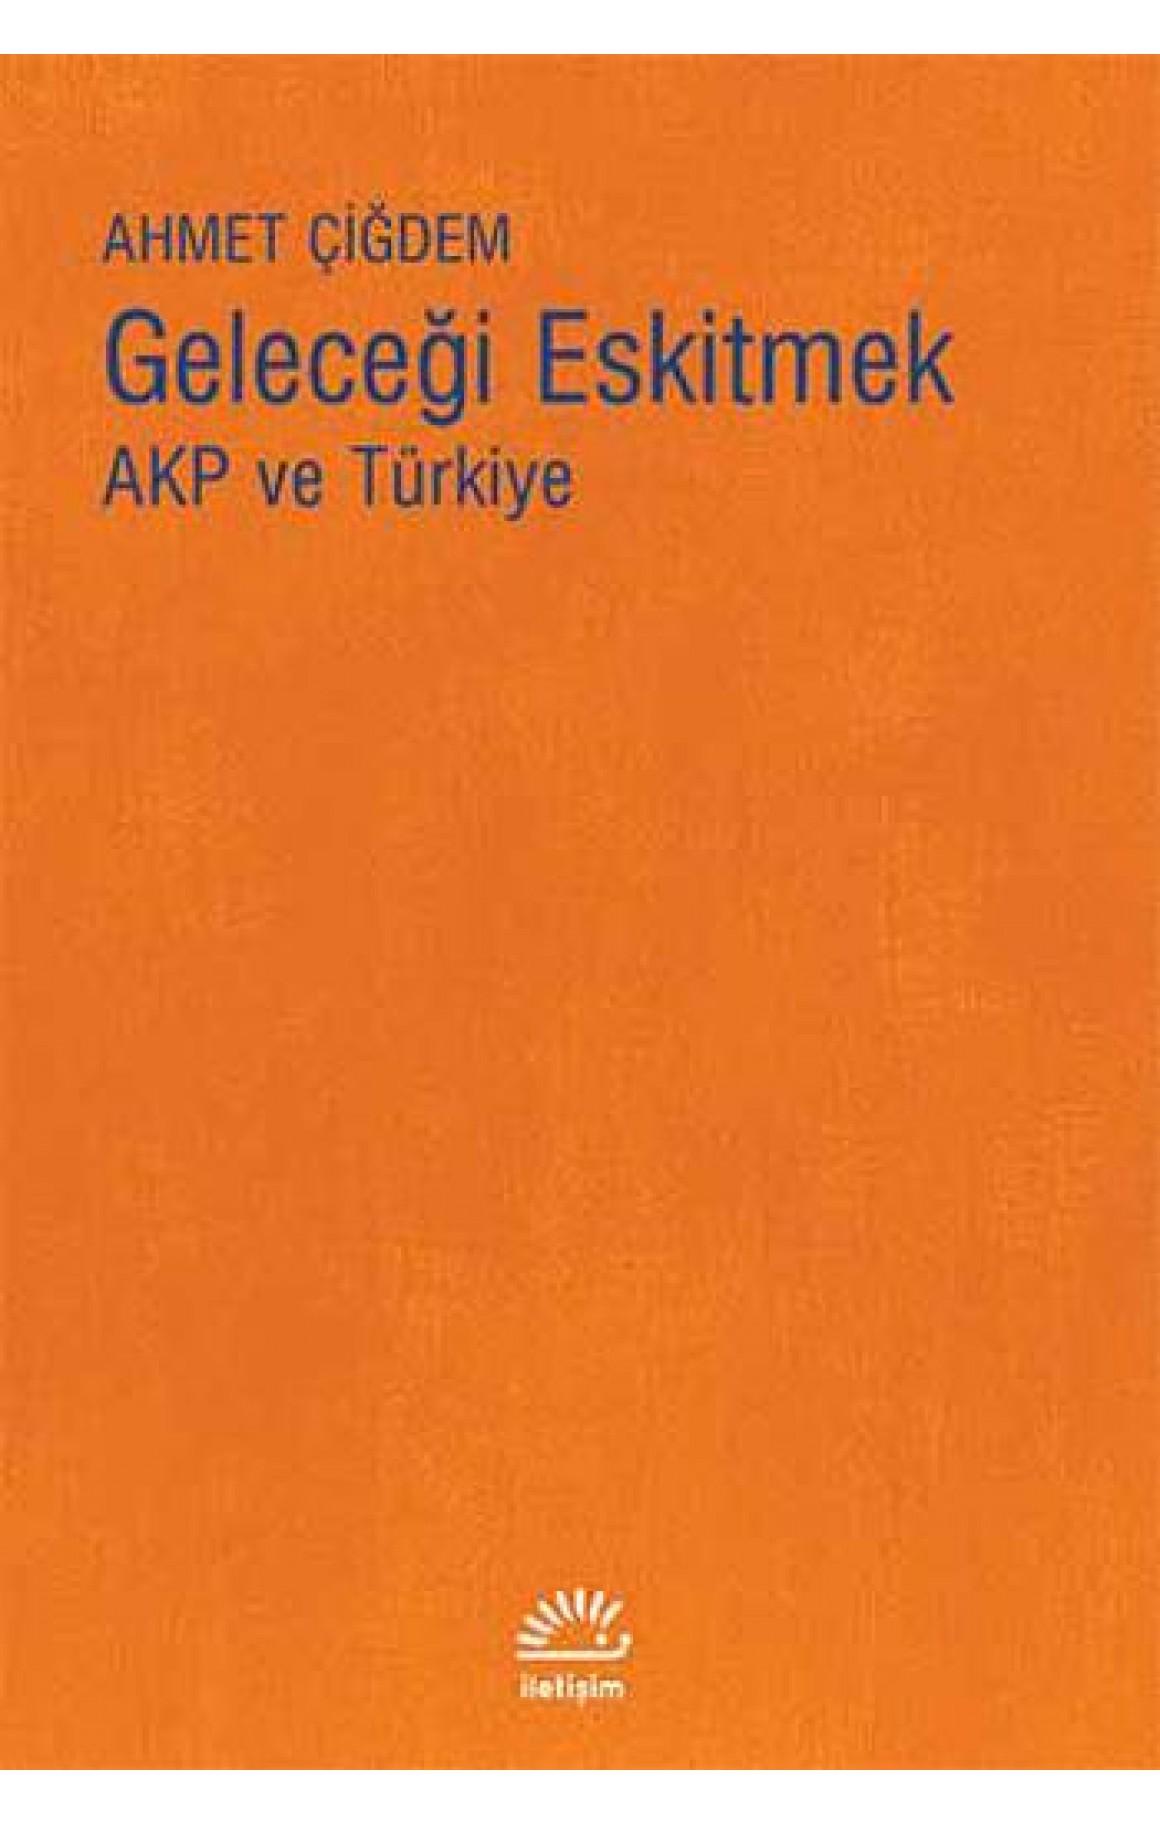 Geleceği Eskitmek - AKP ve Türkiye